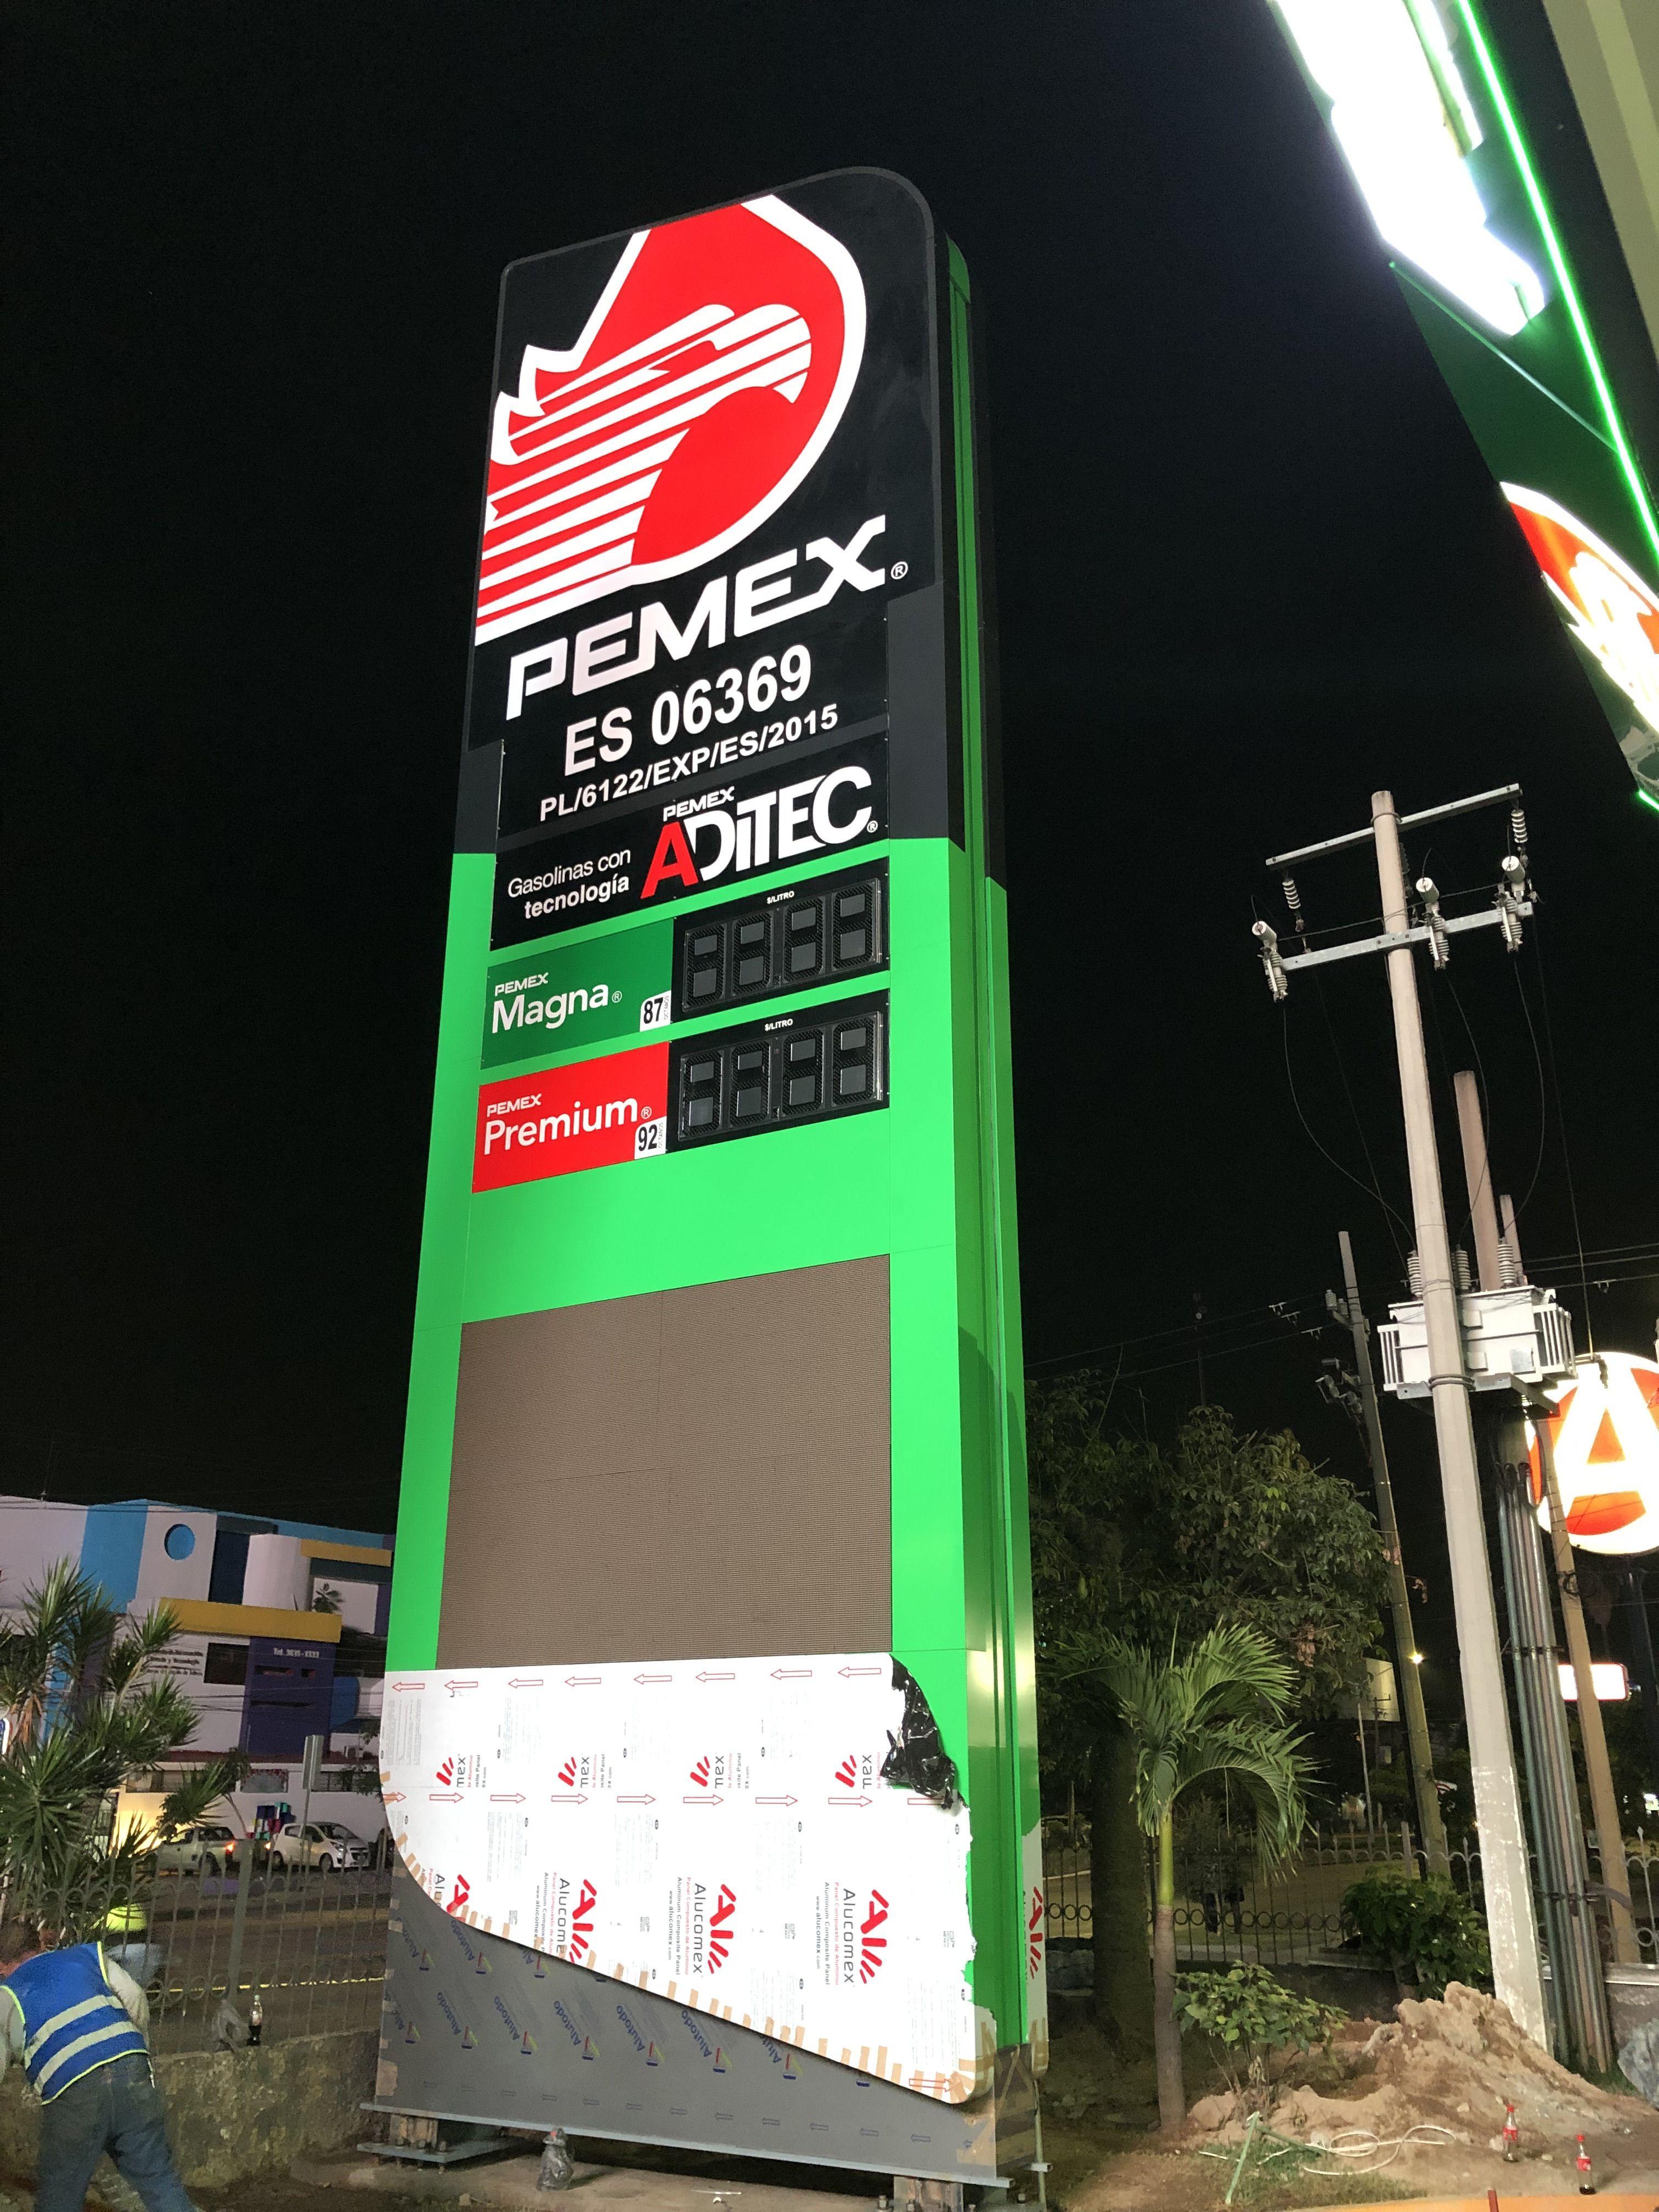 Imagen de درغام للطباعة الإعلانية en sign Gasolinera